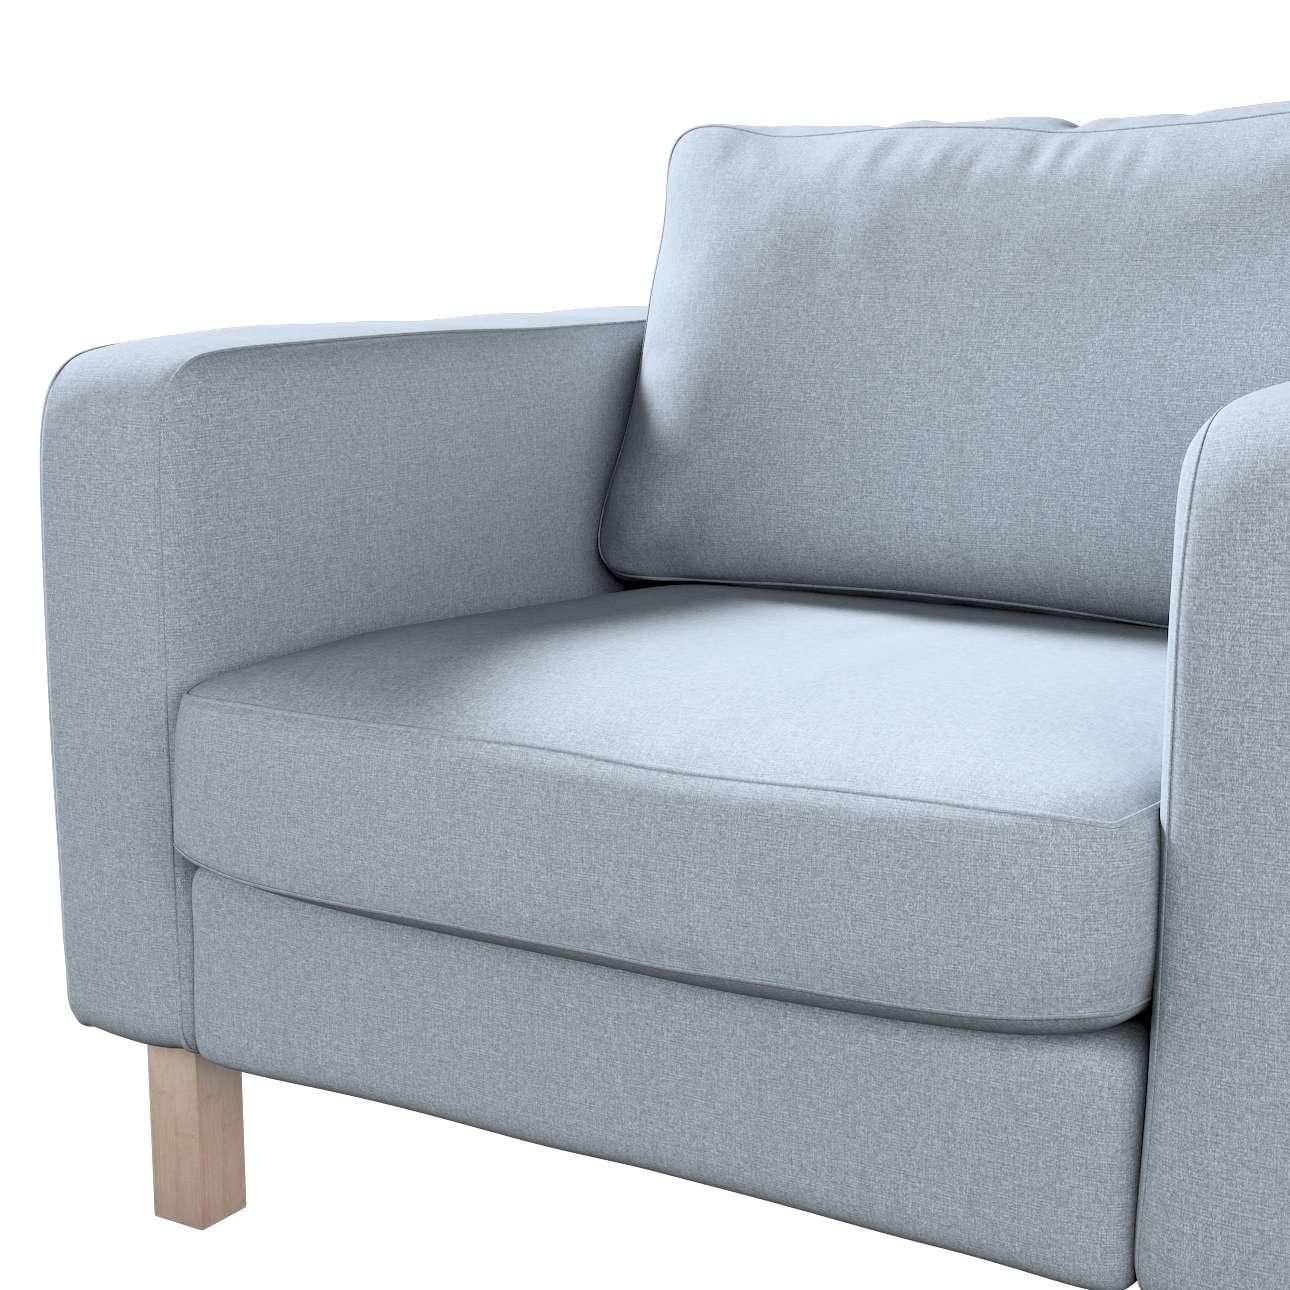 Pokrowiec na fotel Karlstad, krótki w kolekcji Amsterdam, tkanina: 704-46